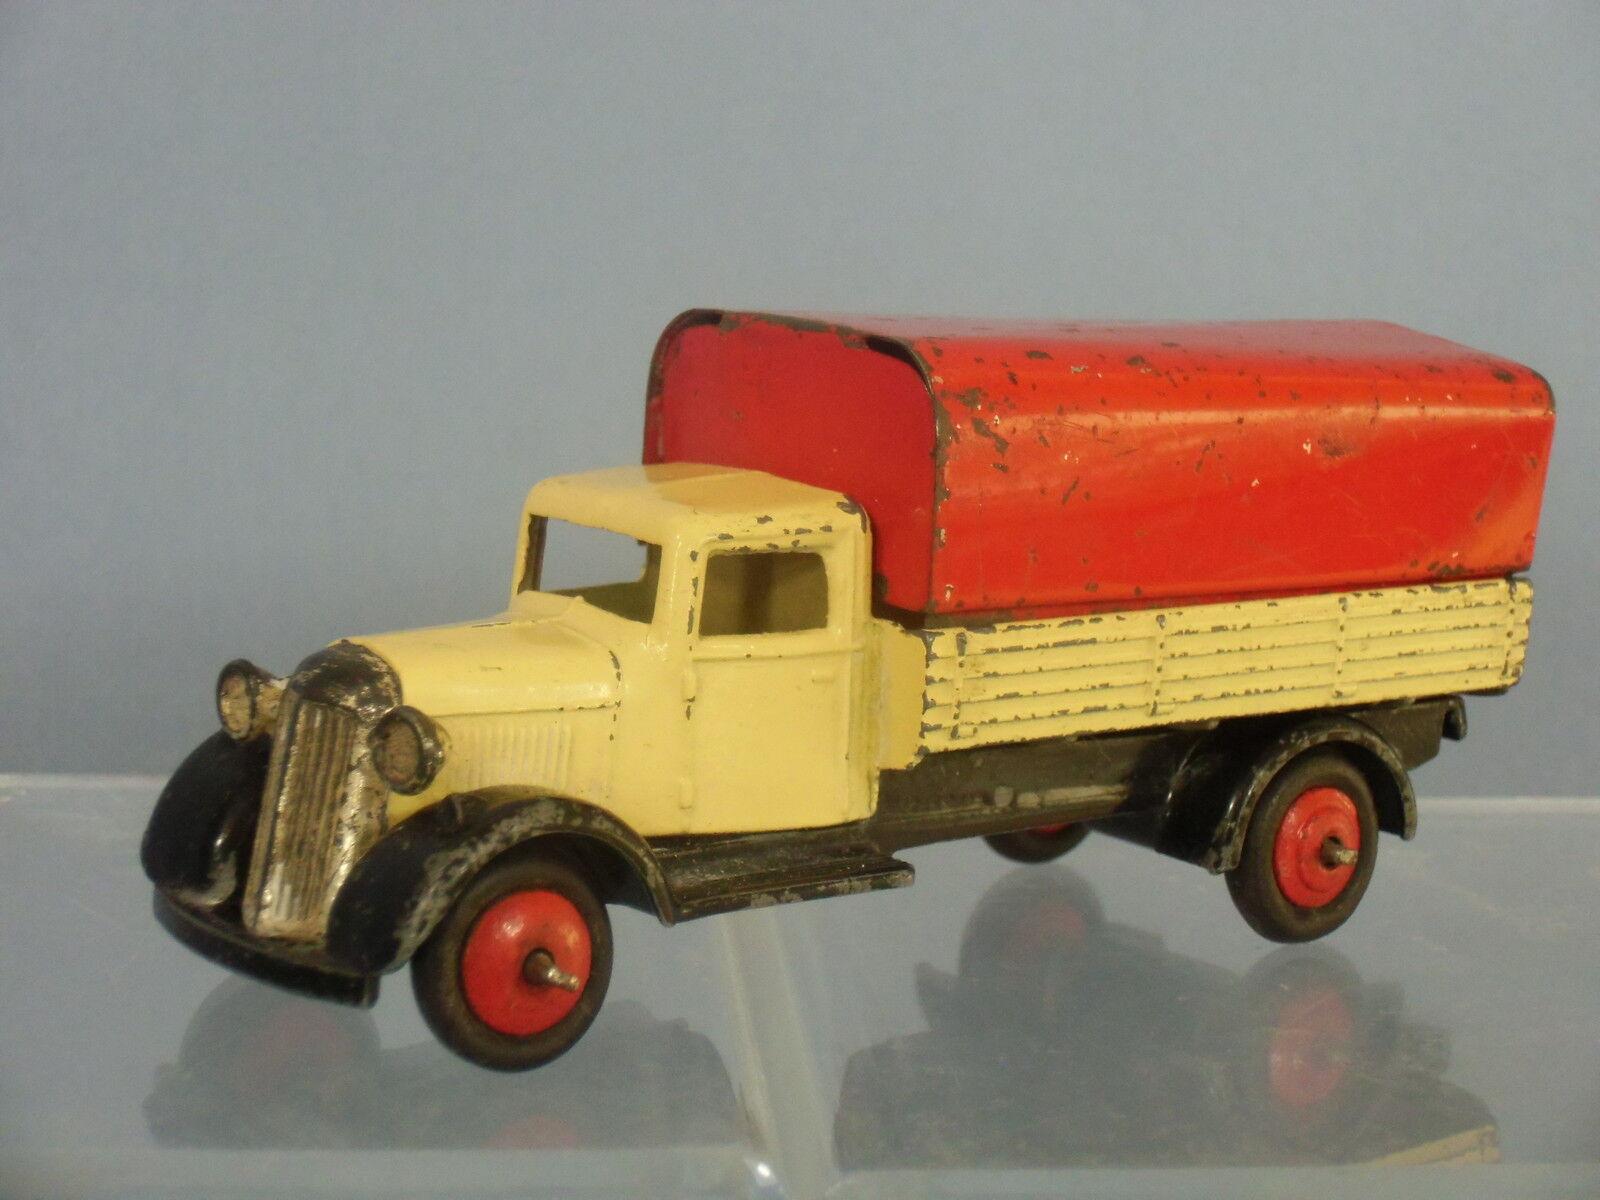 Vintage DINKY DINKY DINKY TOYS modèle No.25b Wagon couvert